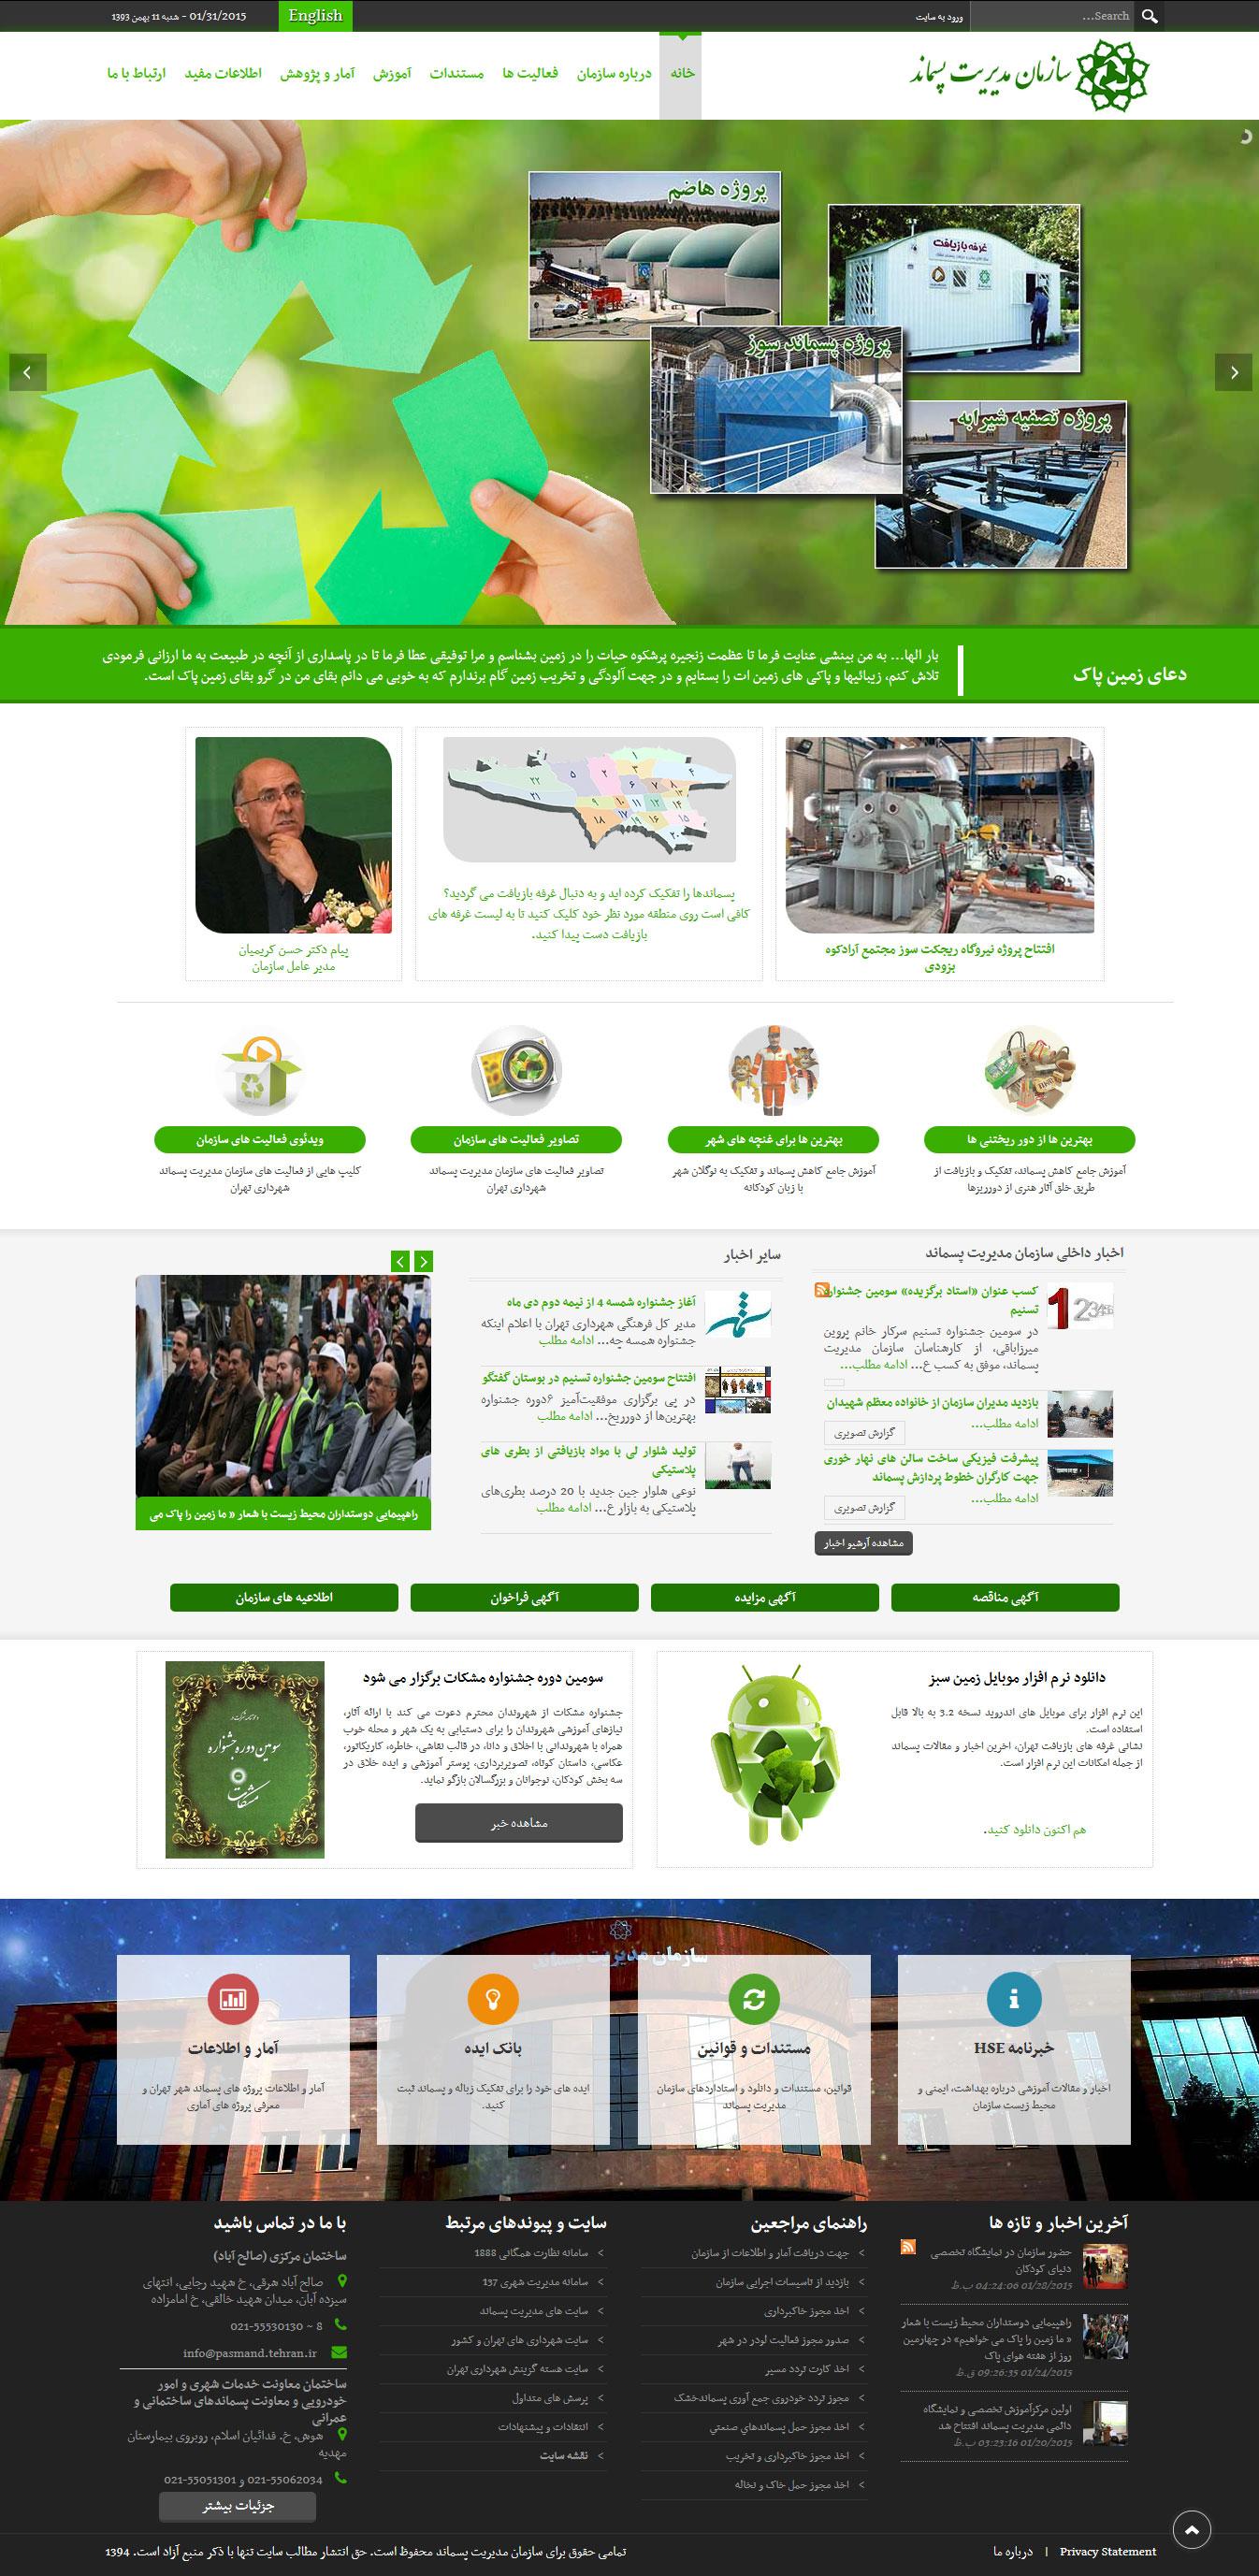 تصویری از صفحه نخست وبسایت سازمان مدیریت پسماند شهرداری تهران